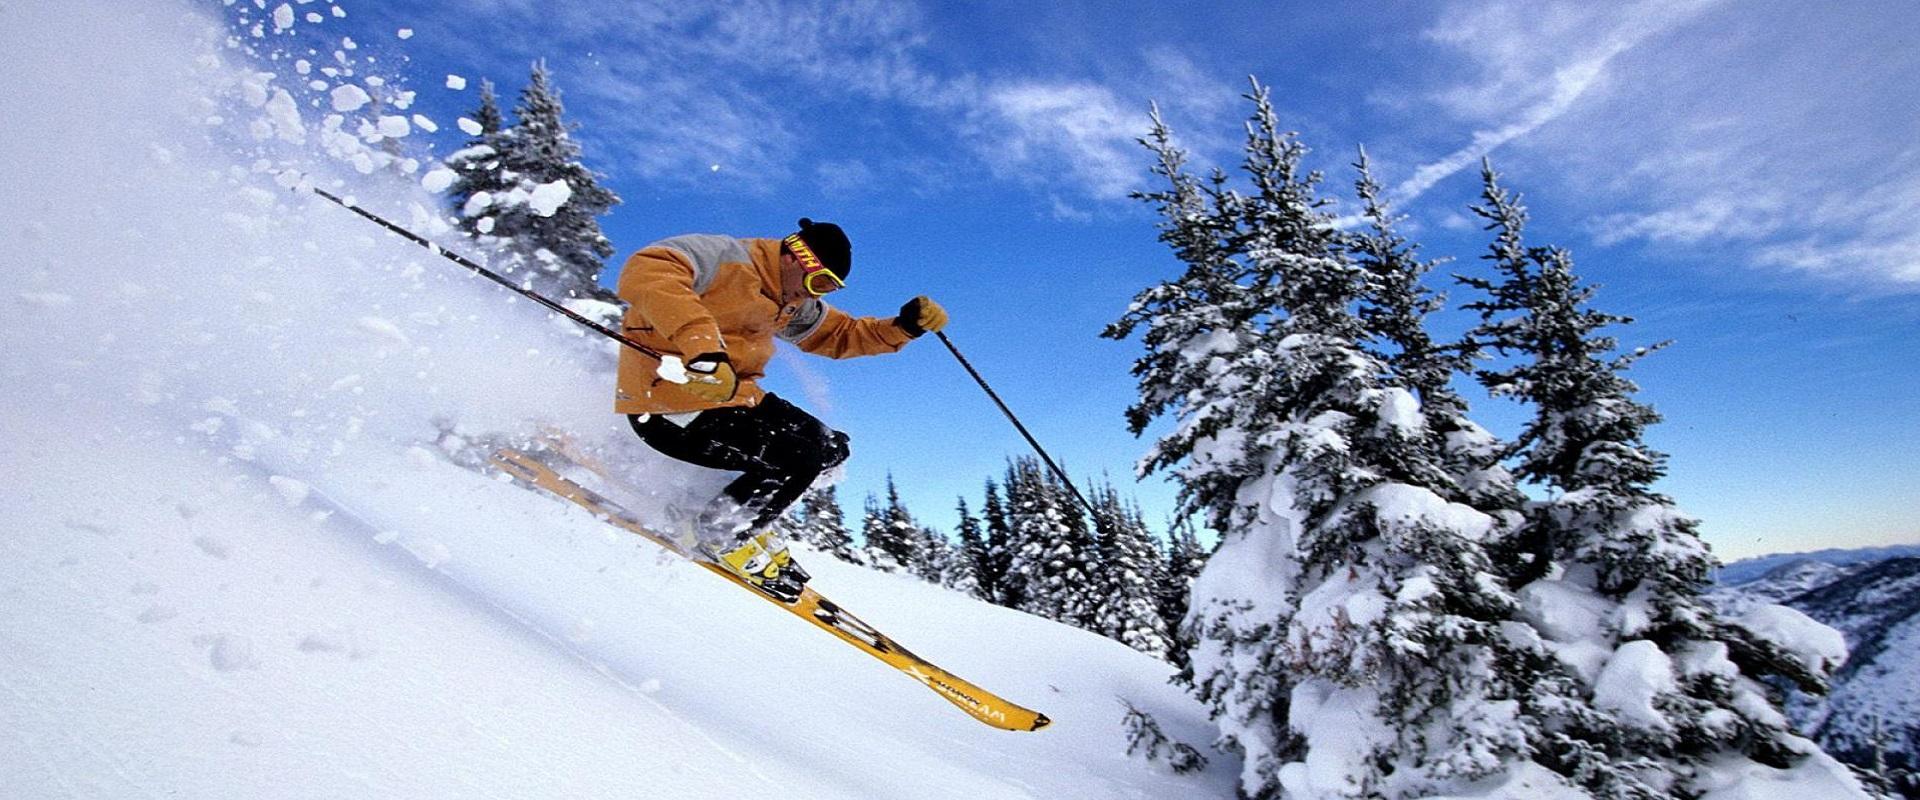 הקרפטים מזמינים לסקי